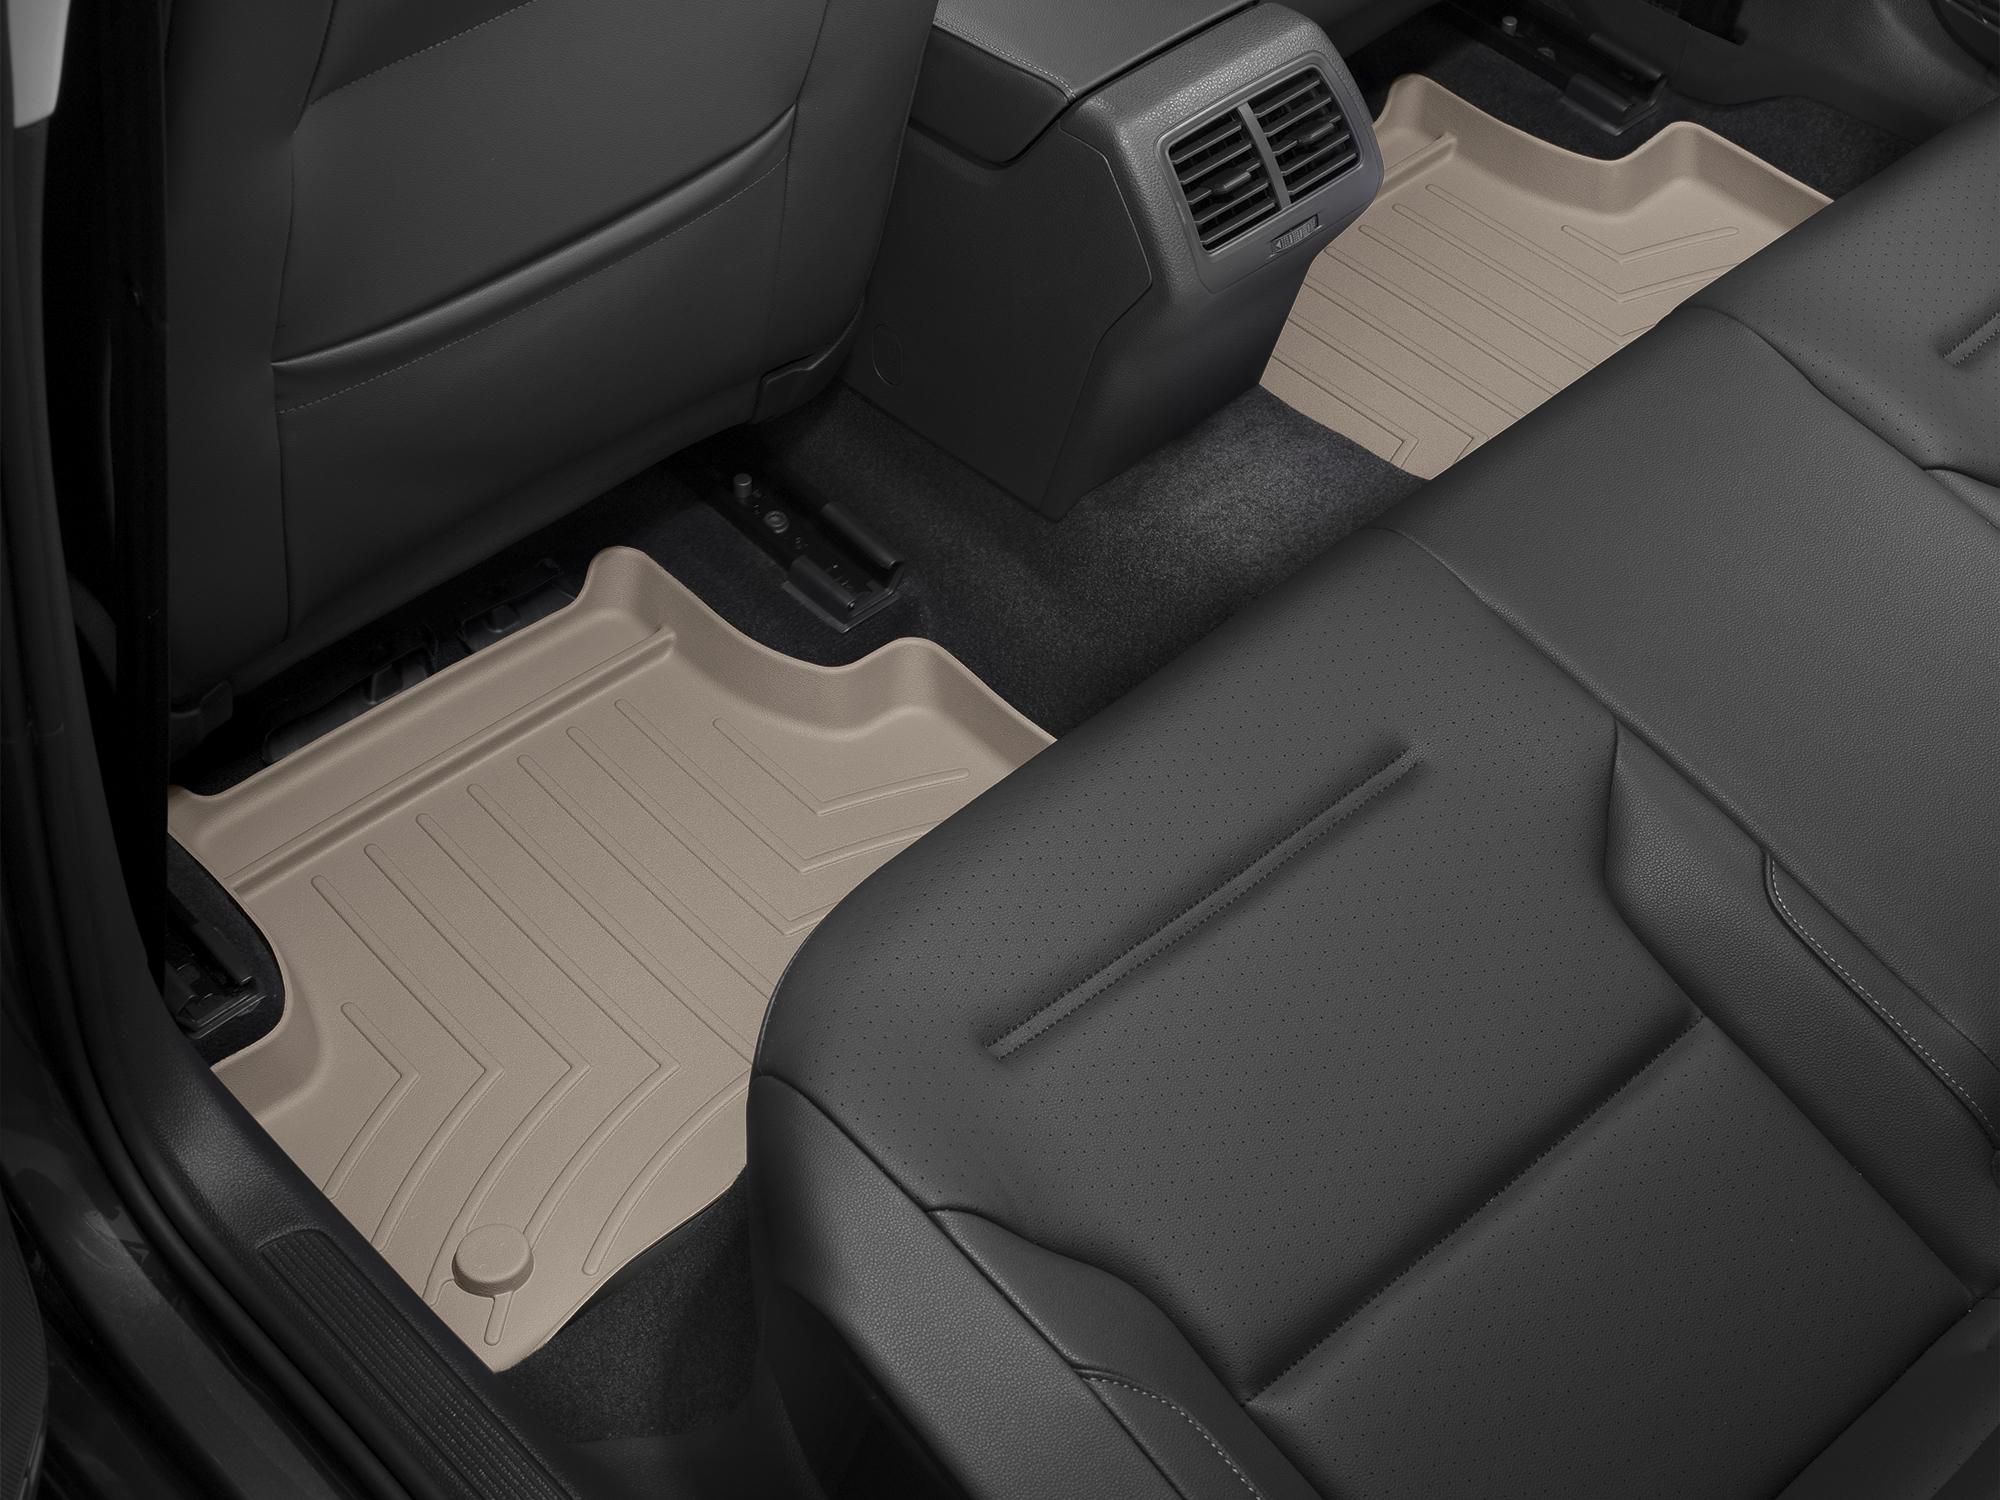 Tappeti gomma su misura bordo alto Volkswagen Golf 12>12 Marrone A4050*